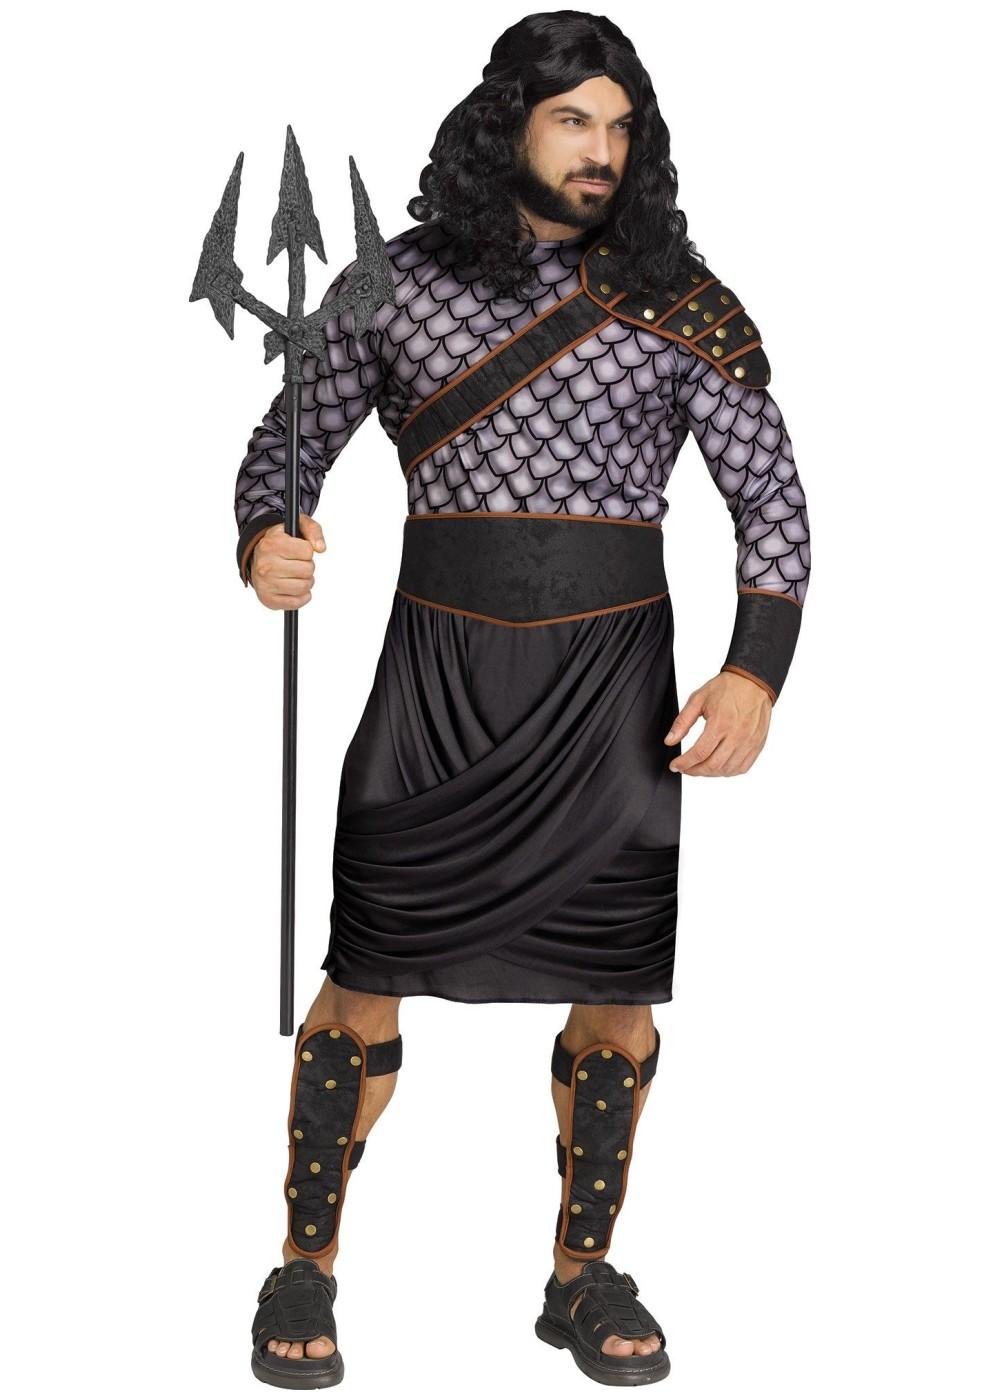 Halloween Wigs For Men